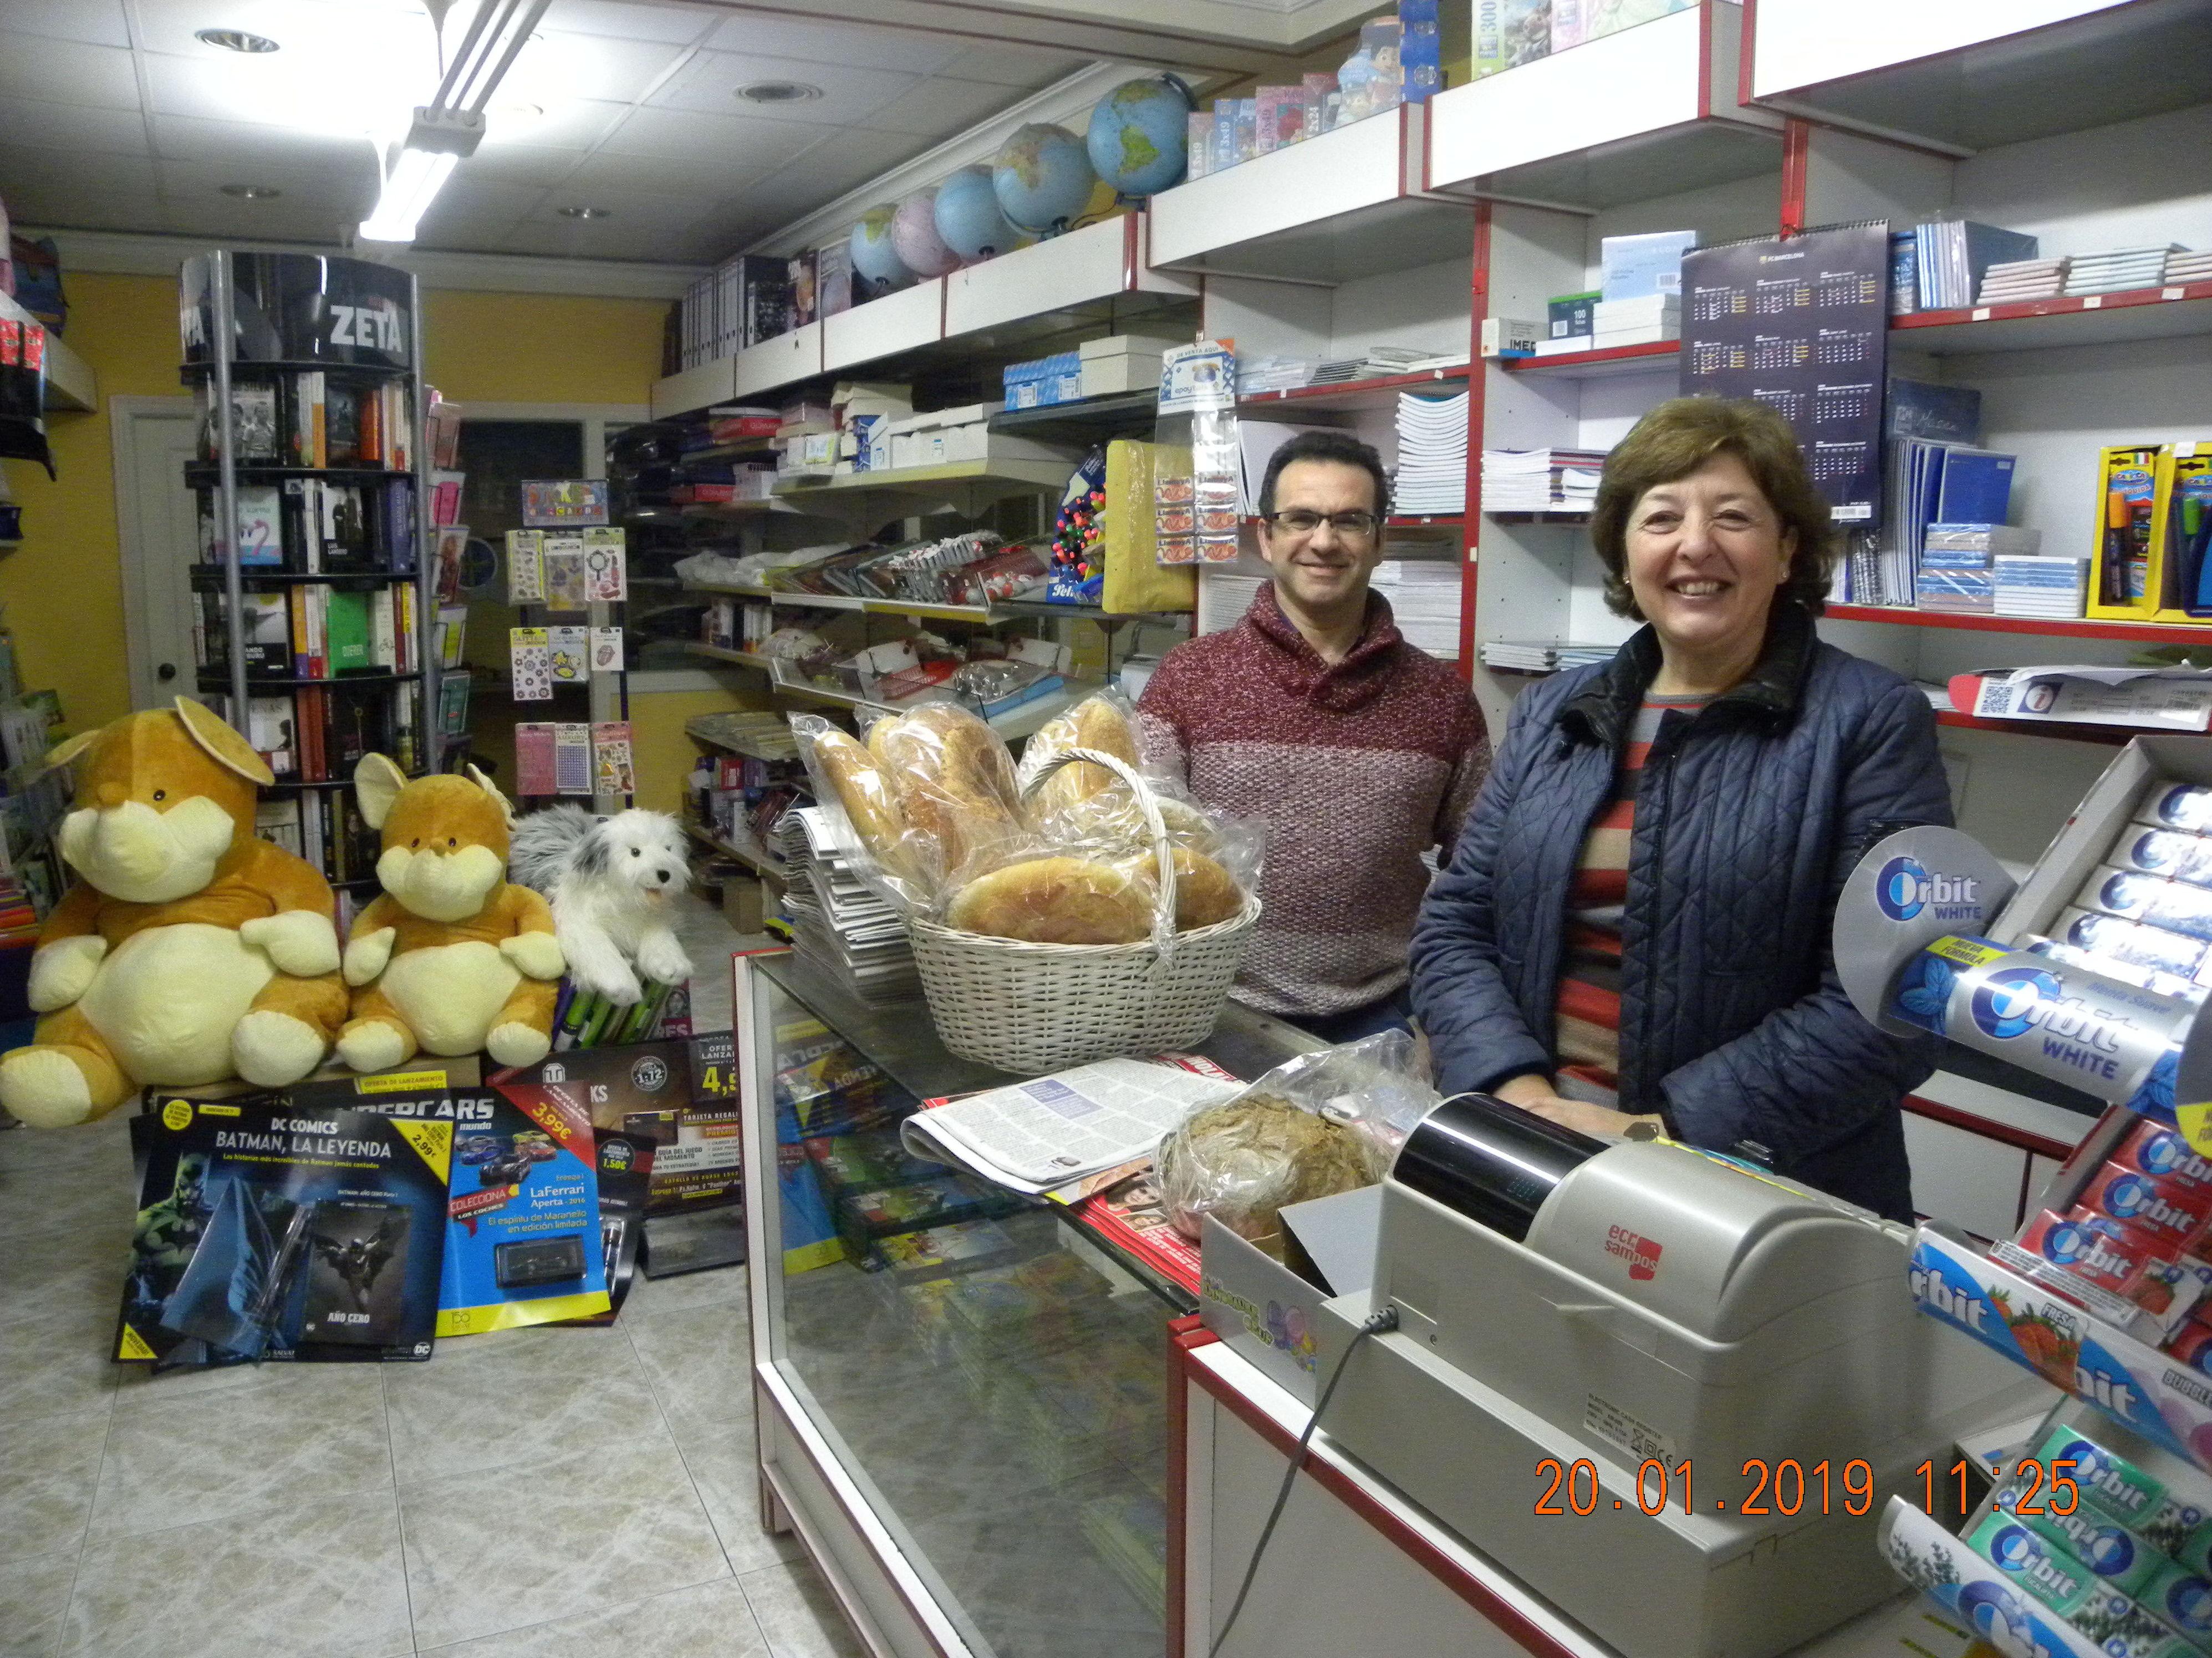 JOSE Y ANA EN LA LIBRERIA EL DOMINGO DIA 20